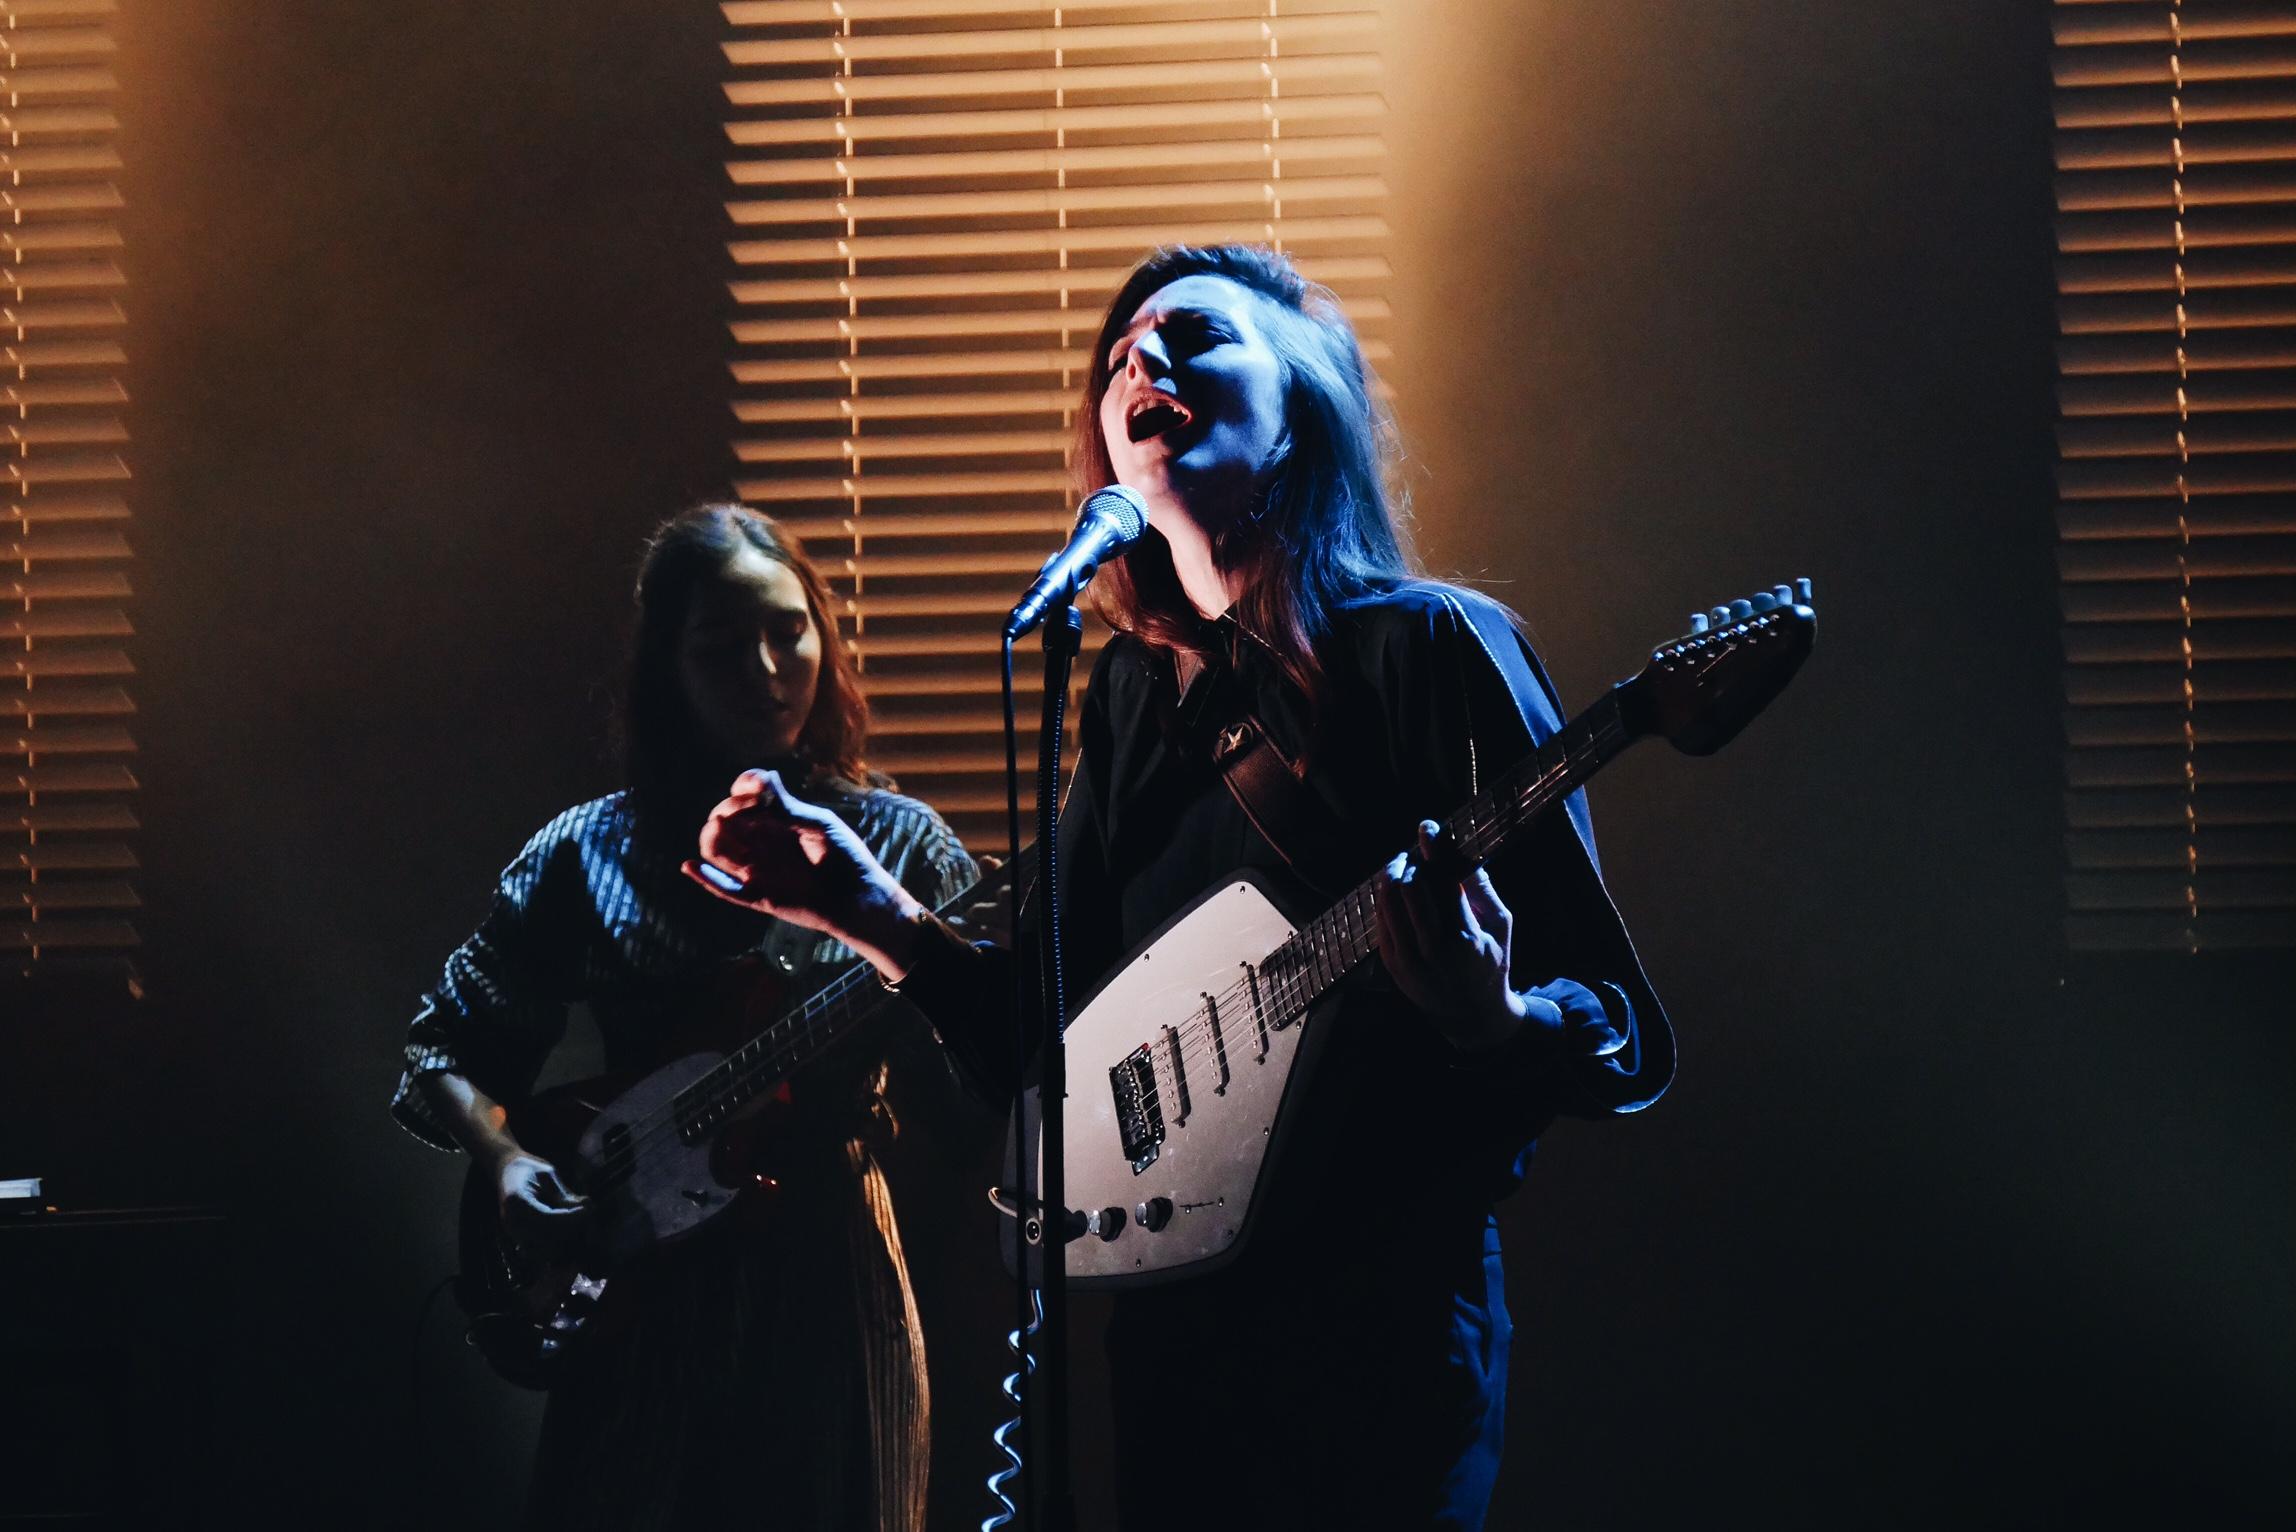 Fishbach-concert-création-Trans-Musicales-2016-festival-à-ta-merci-tour-photo-scène-usofparis-blog